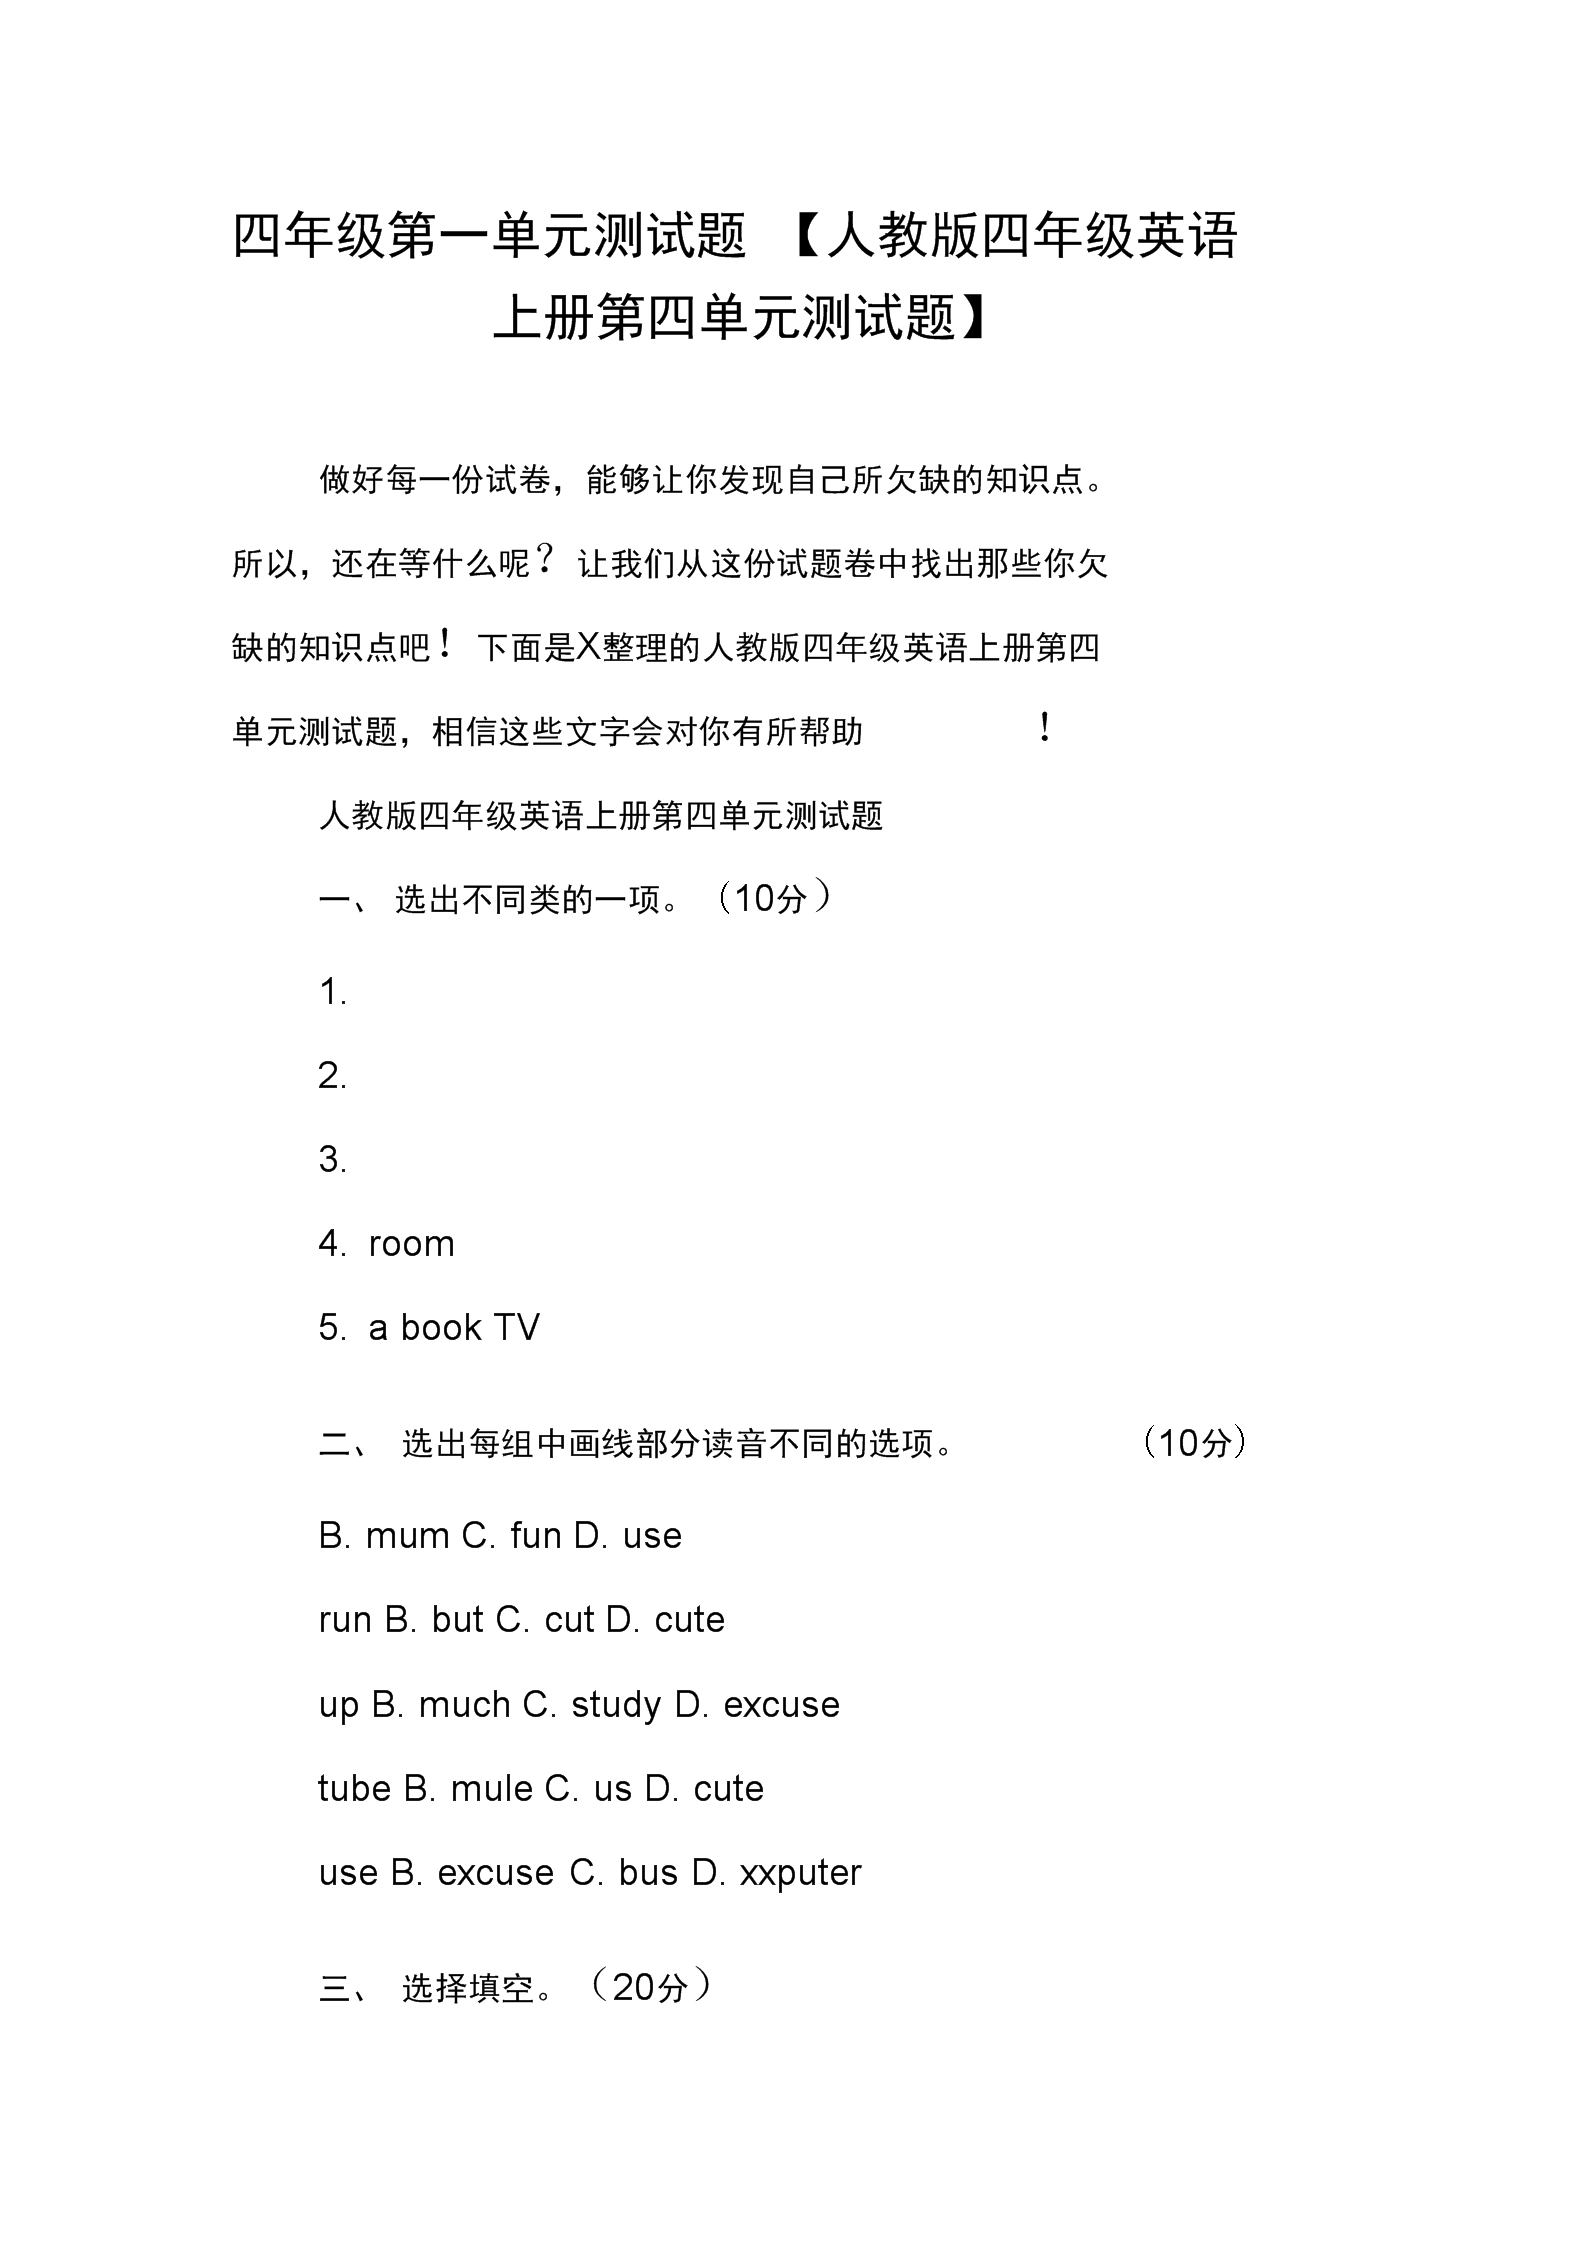 四年級第一單元測試題【人教版四年級英語上冊第四單元測試題】.docx